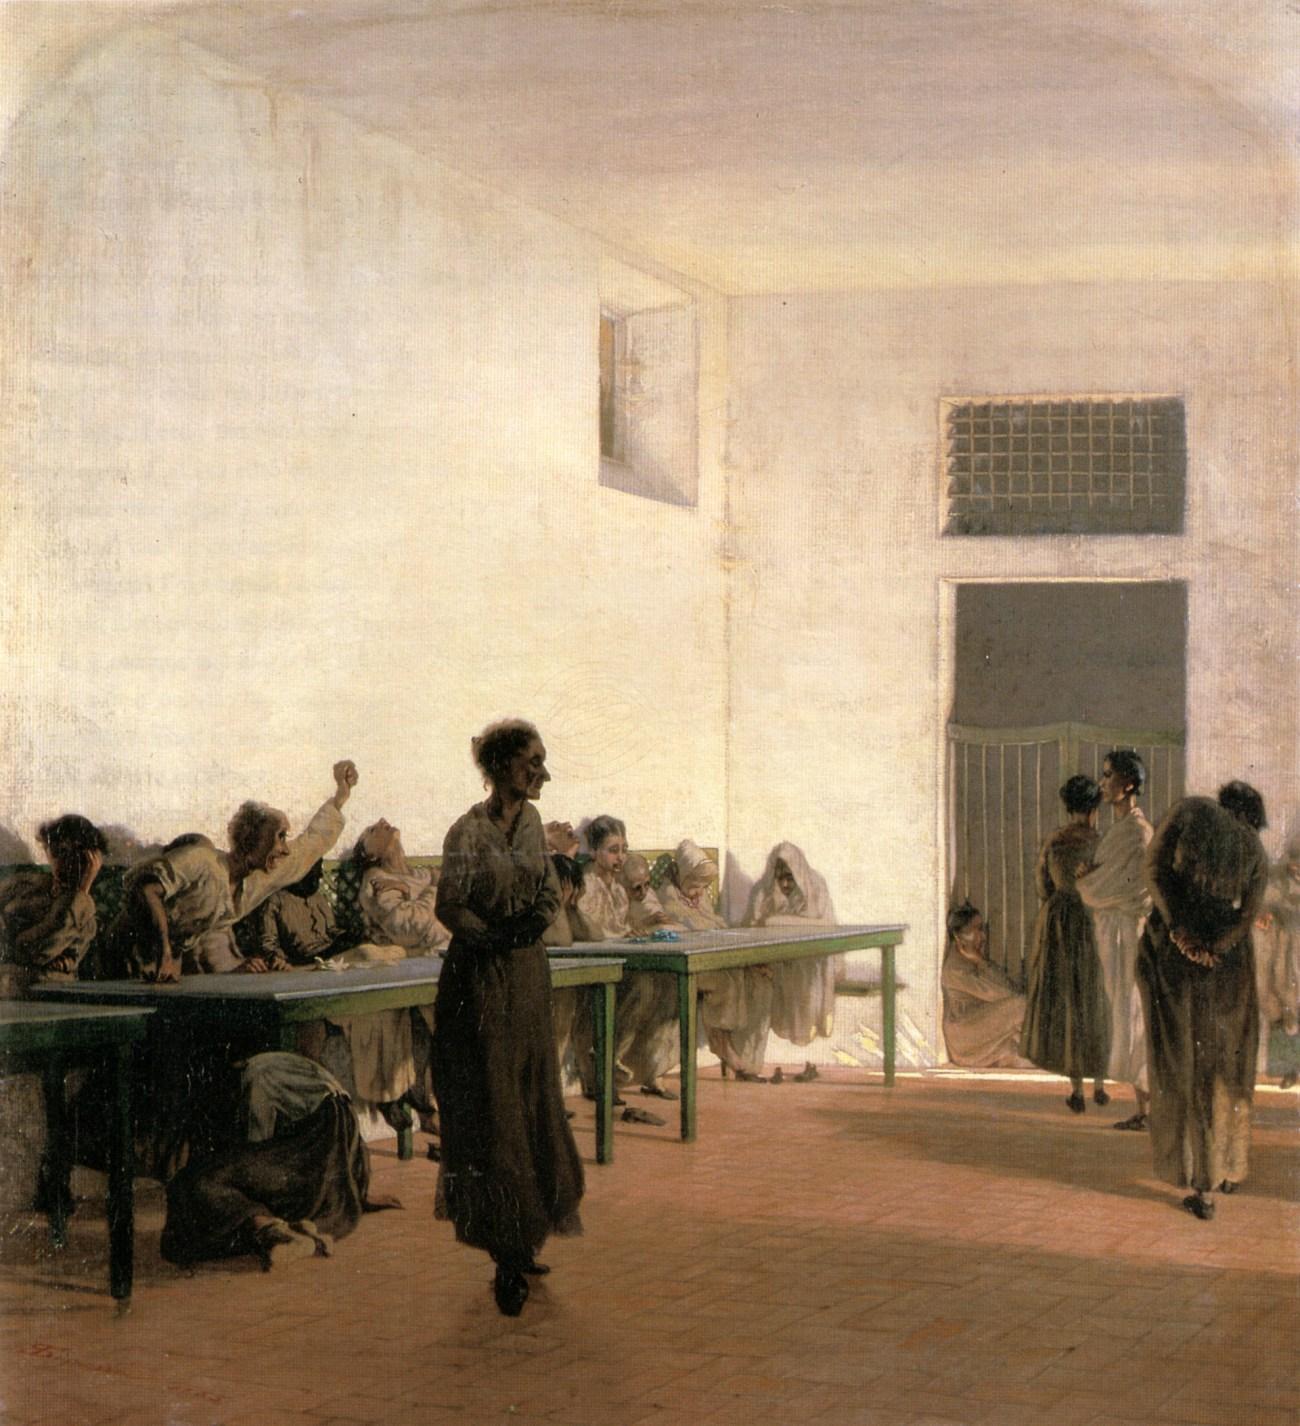 Telemaco Signorini, La sala delle agitate al San Bonifazio di Firenze, 1865, olion su tela cm 66x59, Venezia, Moderna